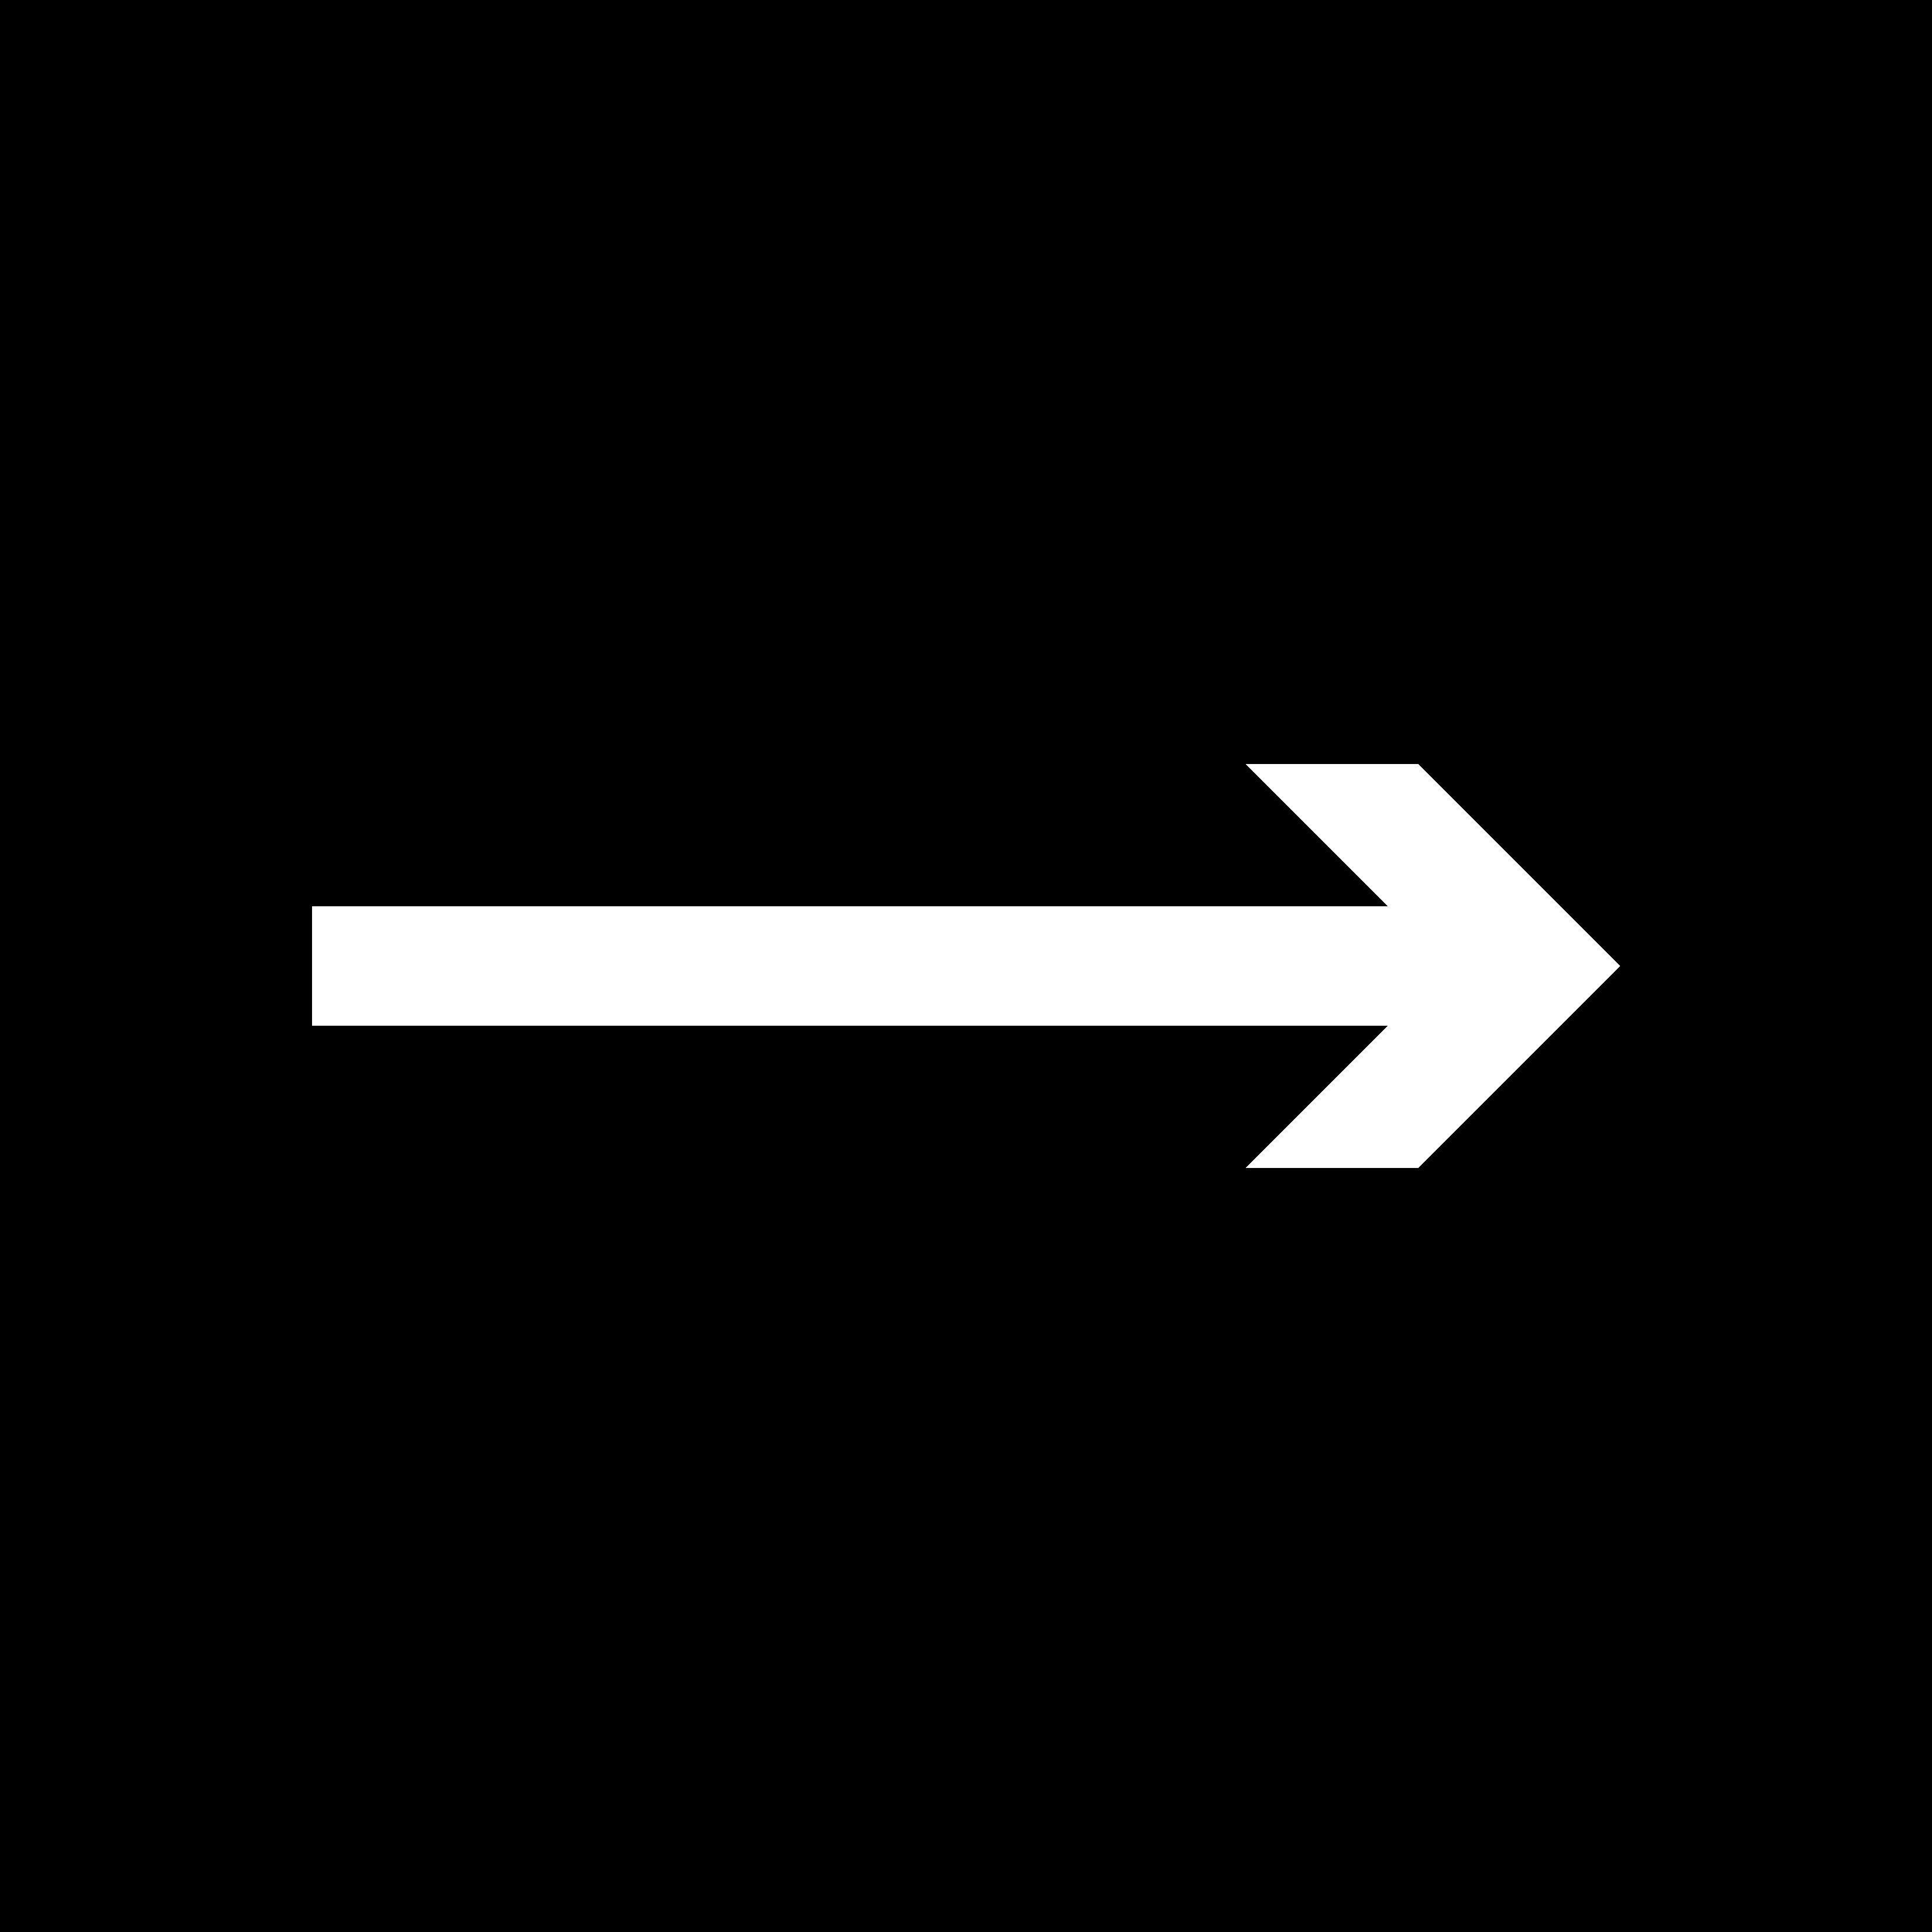 White Arrow-01